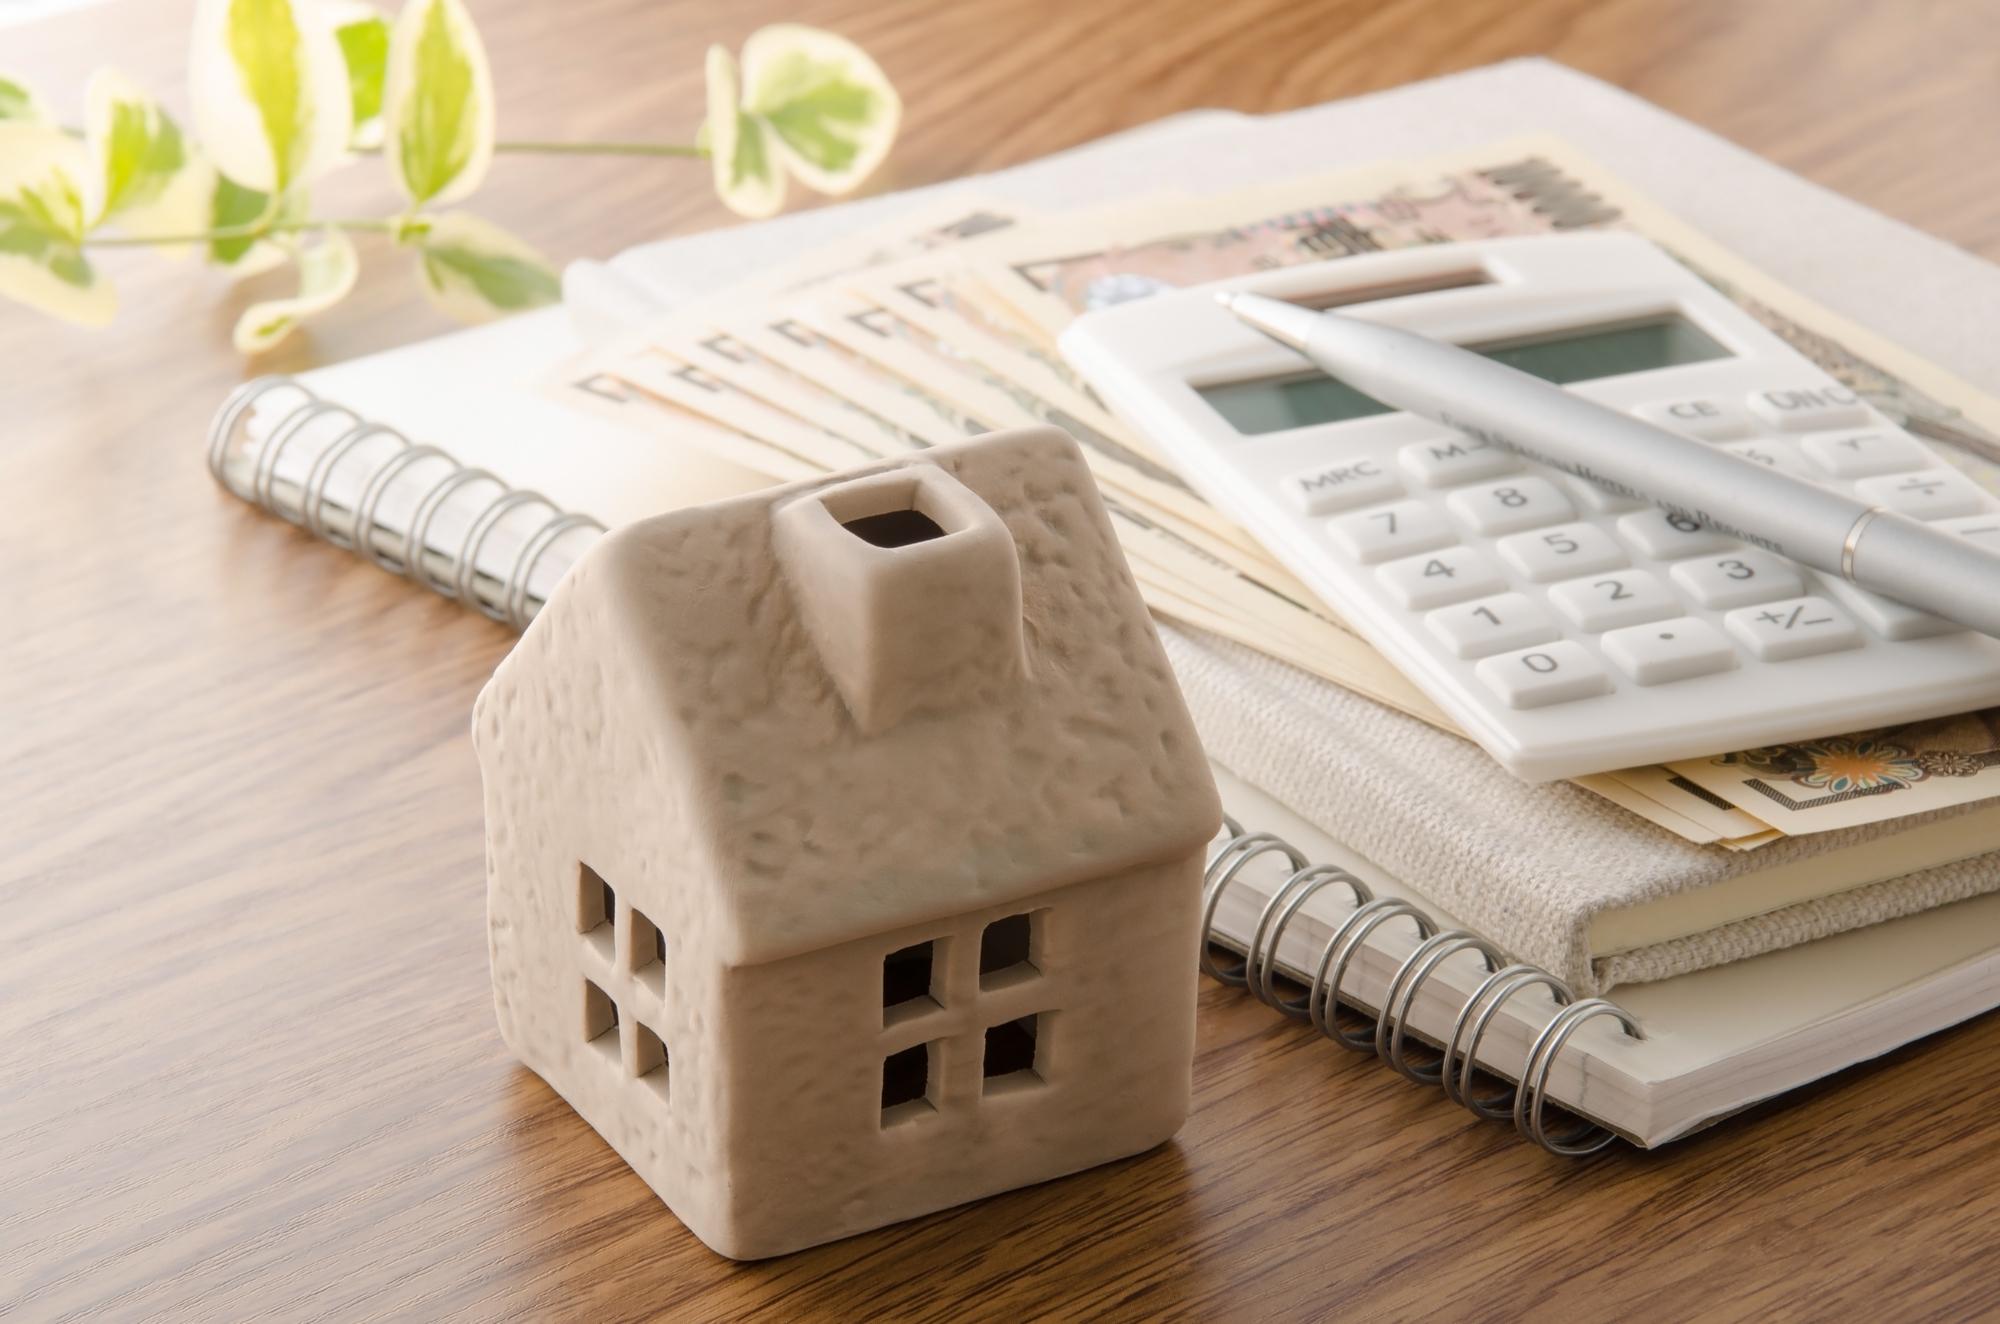 住宅ローン控除に必要な「残高証明書」はいつ届く?紛失した場合はどうする?